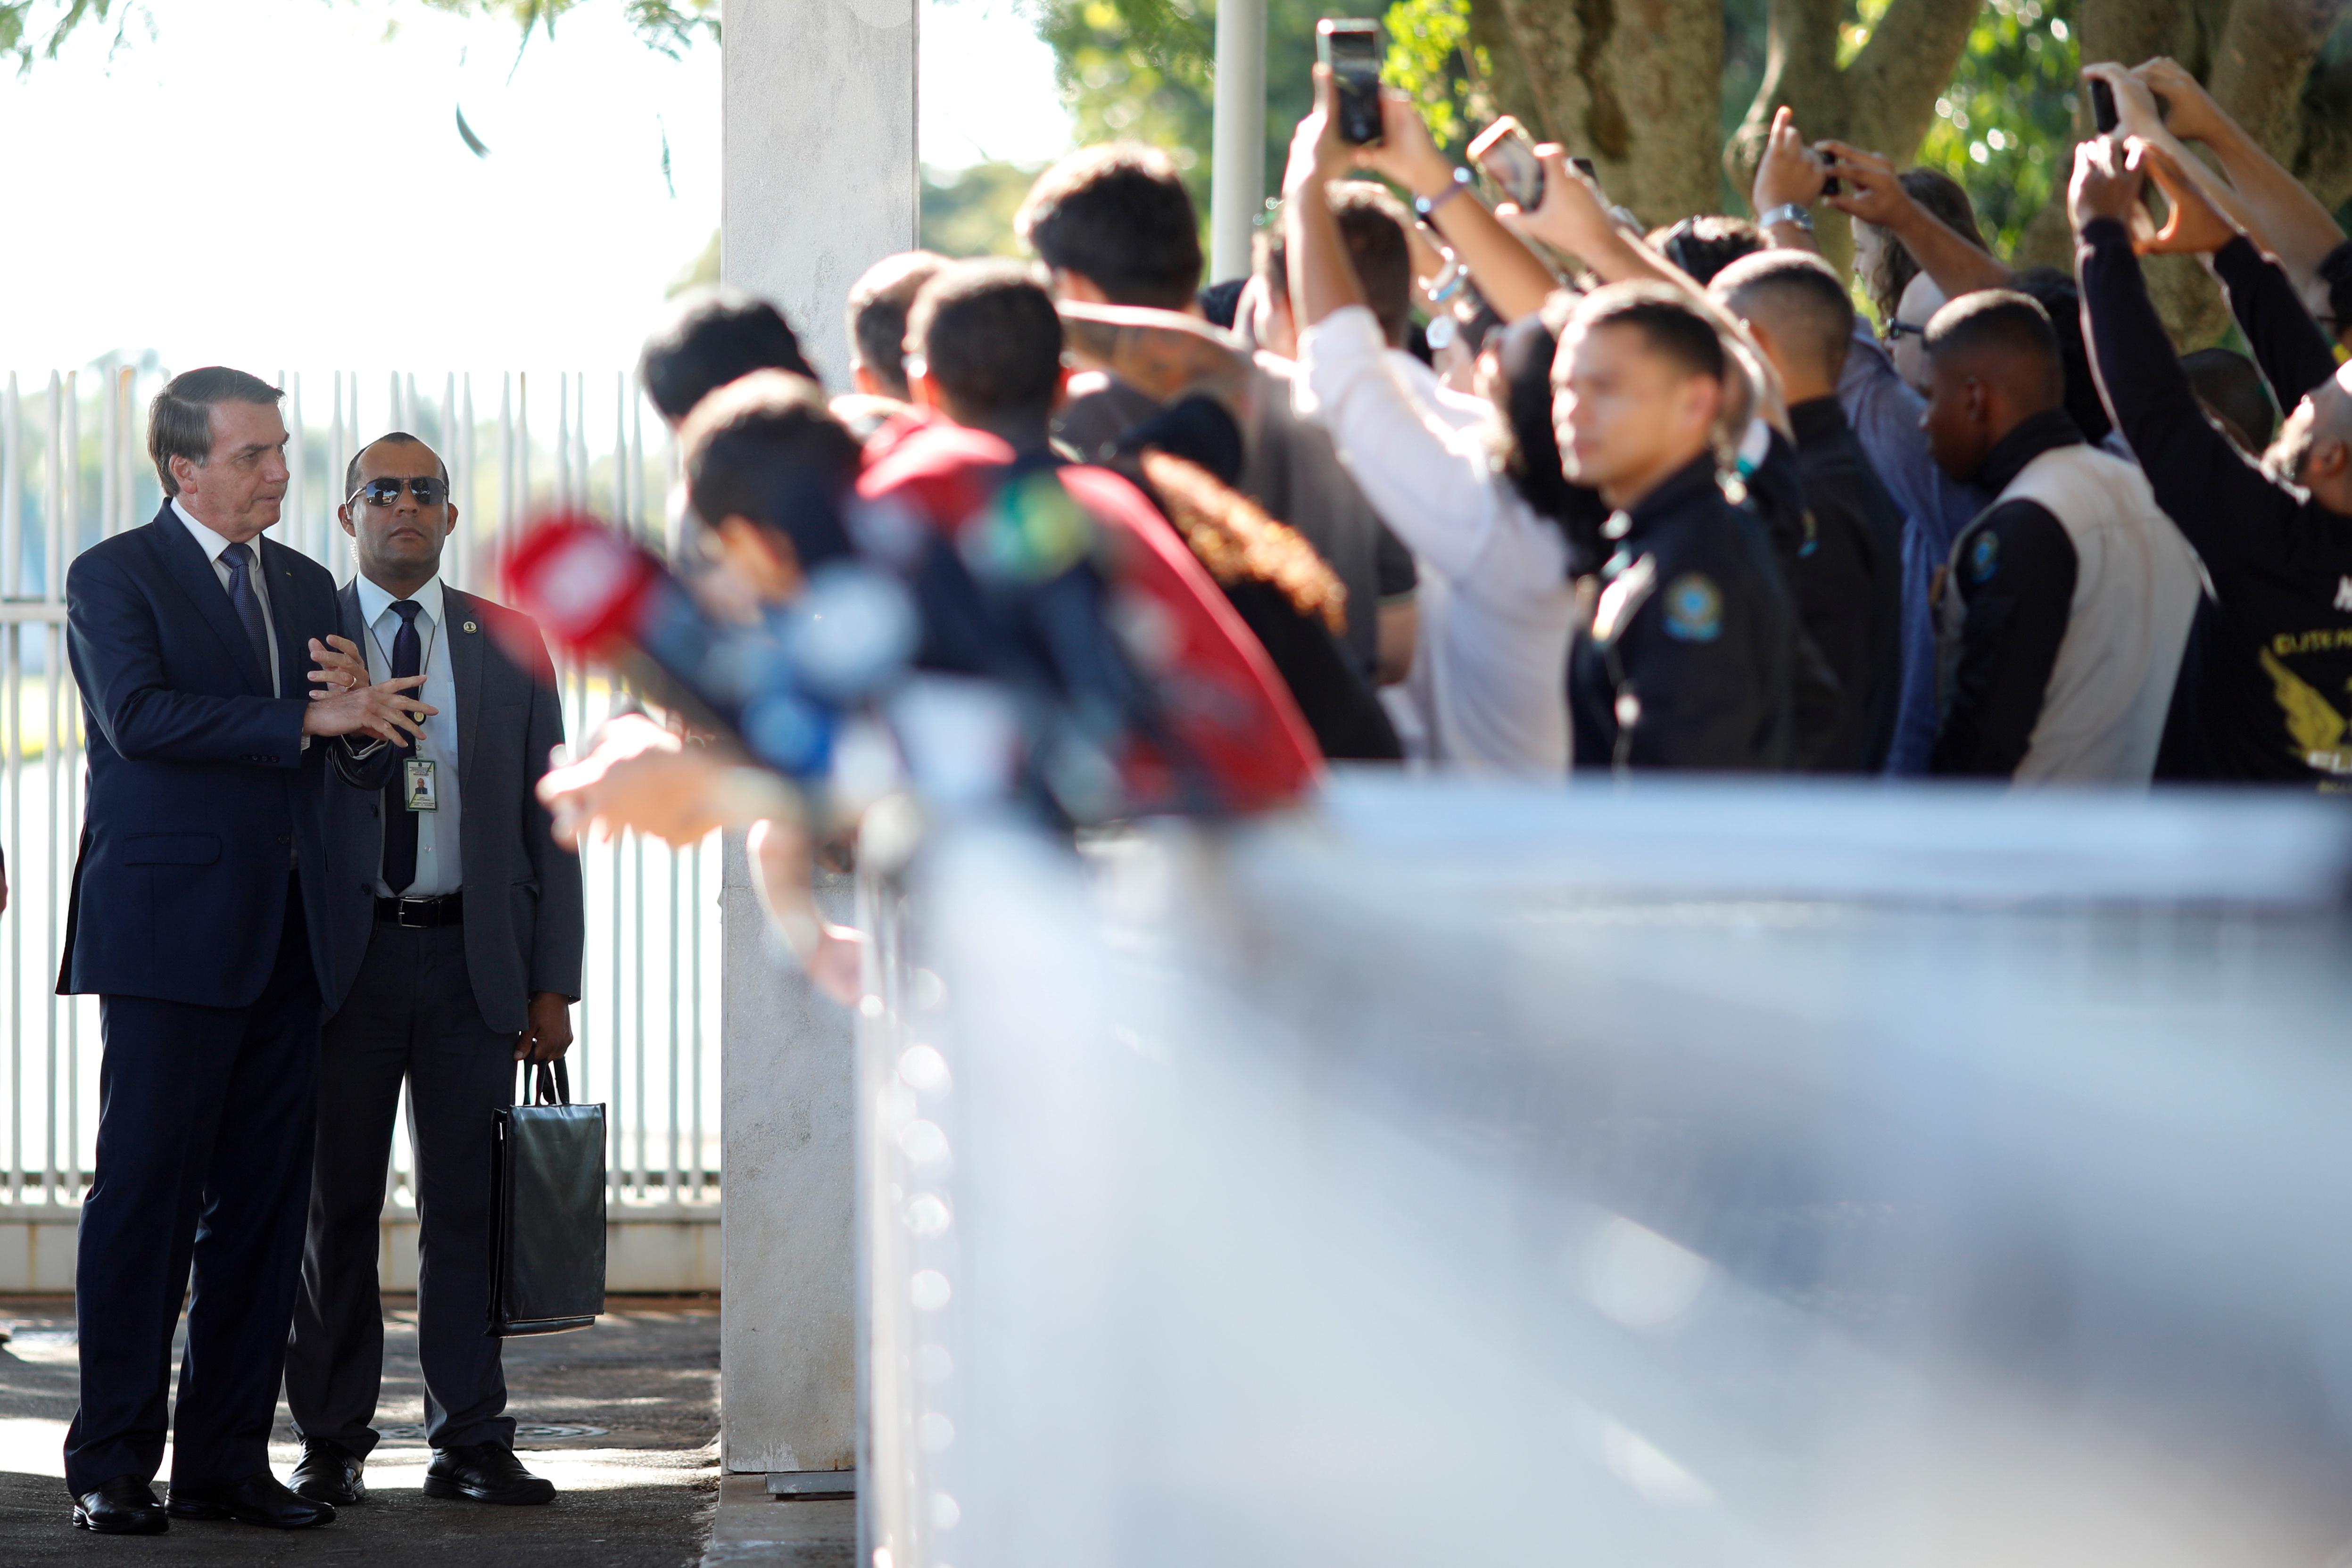 Jair Bolsonaro saludando a sus seguidores el pasado 3 de abril tras abandonar el Palacio de la Alvorada, en medio del brote de coronavirus que ubicó a Brasil como el segundo país más afectado del mundo. REUTERS/Adriano Machado